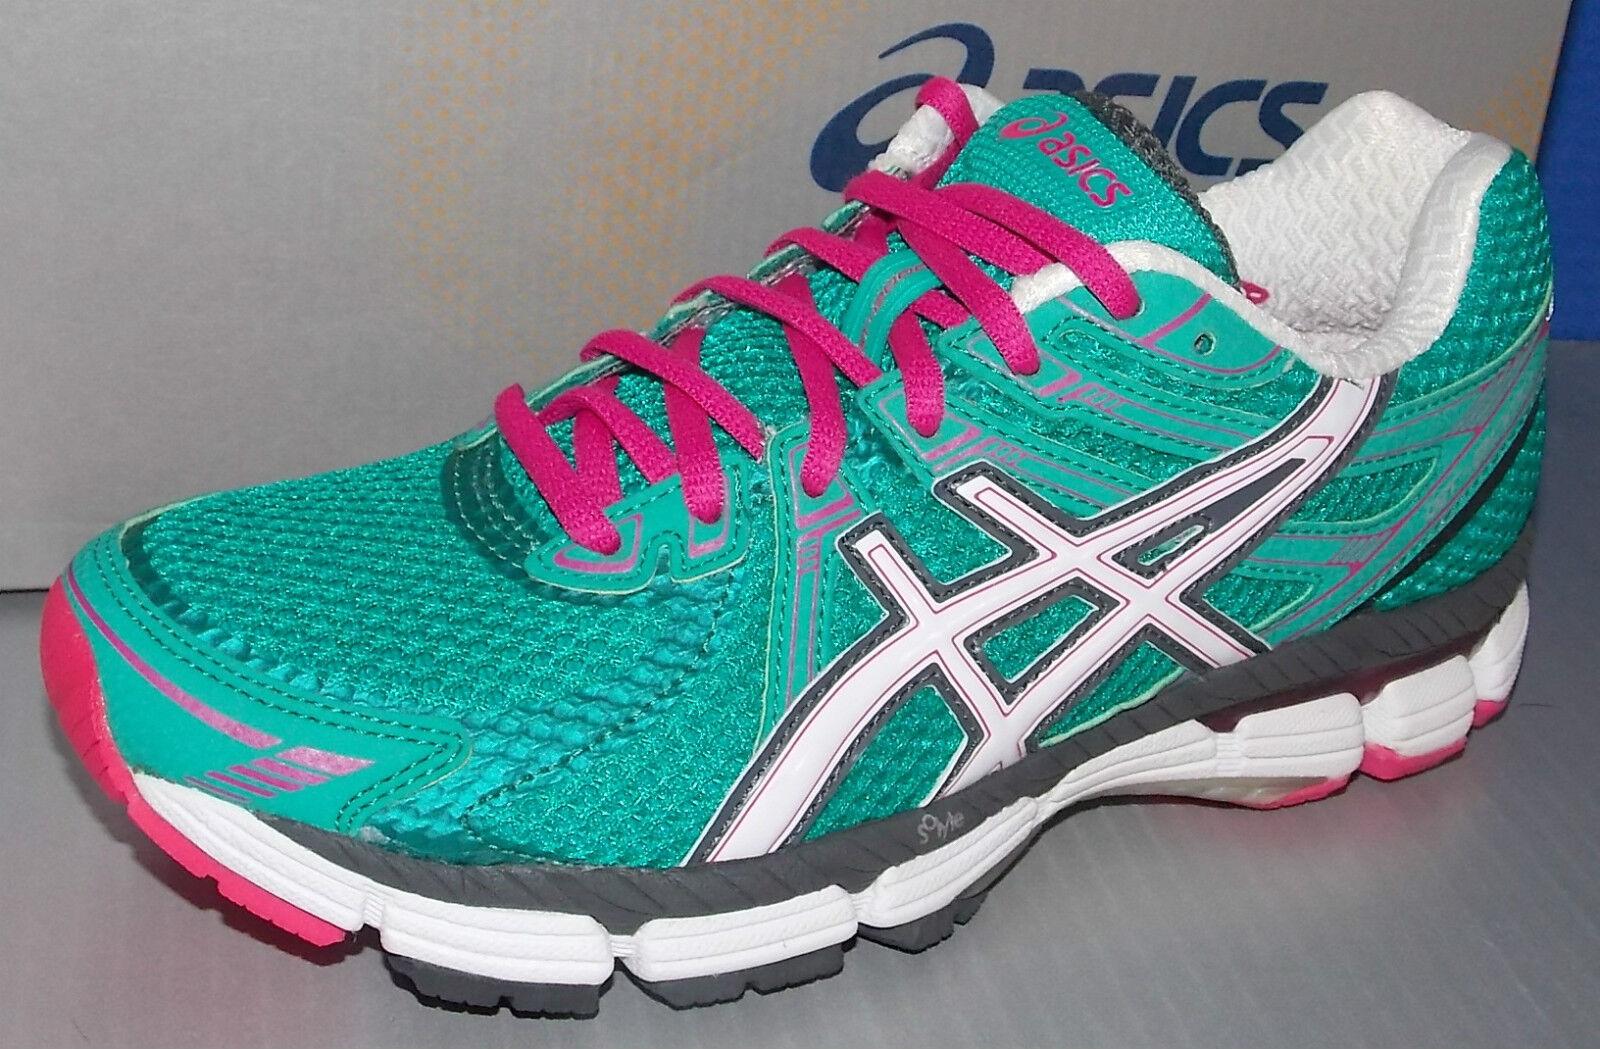 Adidas caballero EQT racing ADV W by9795 zapatillas zapatos caballero Adidas 36a661